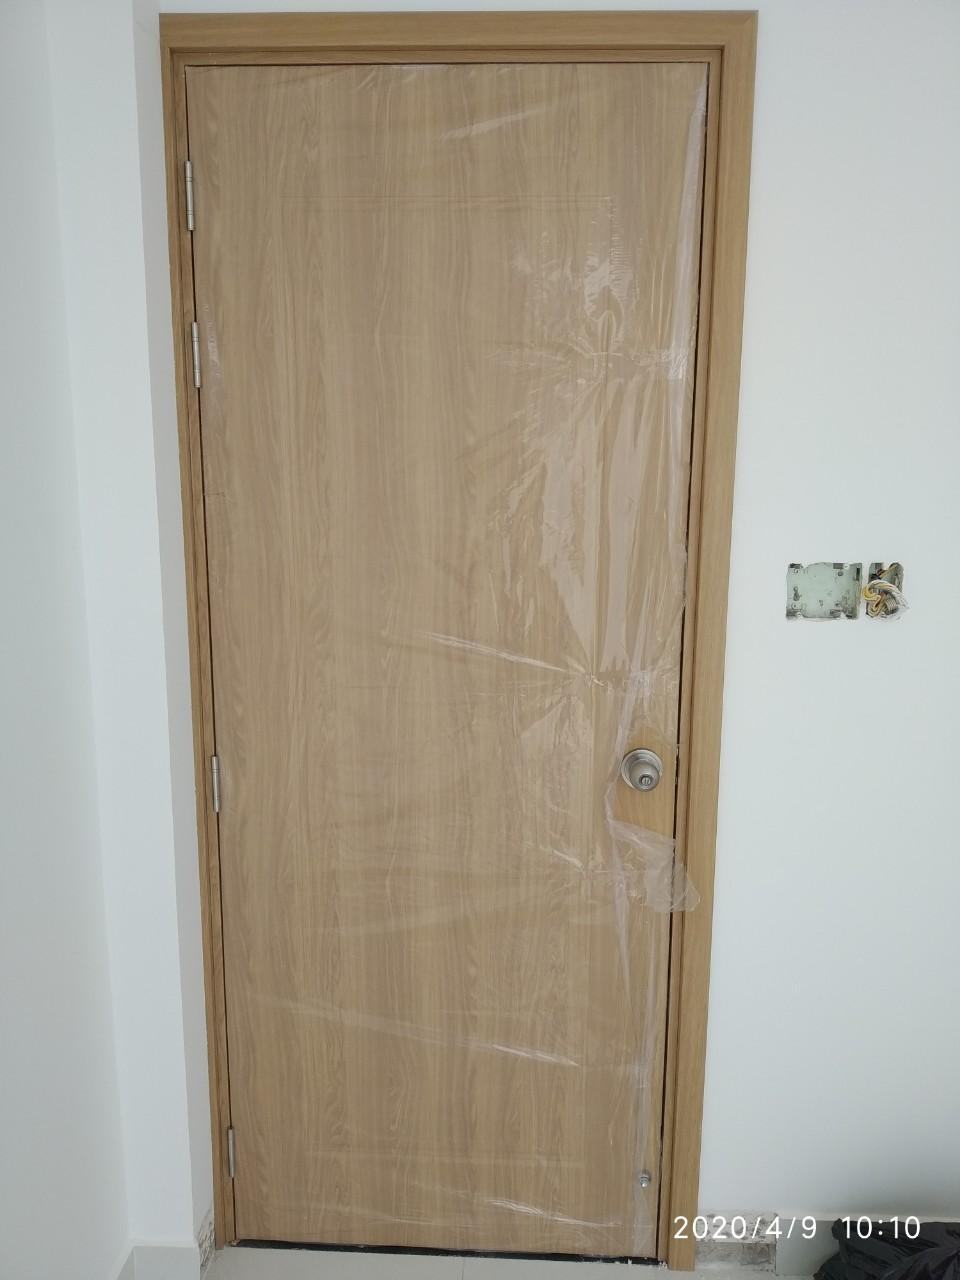 Cửa nhựa gỗ Composite - cửa chuyên dùng cho nhà vệ sinh và cửa phòng ngủ